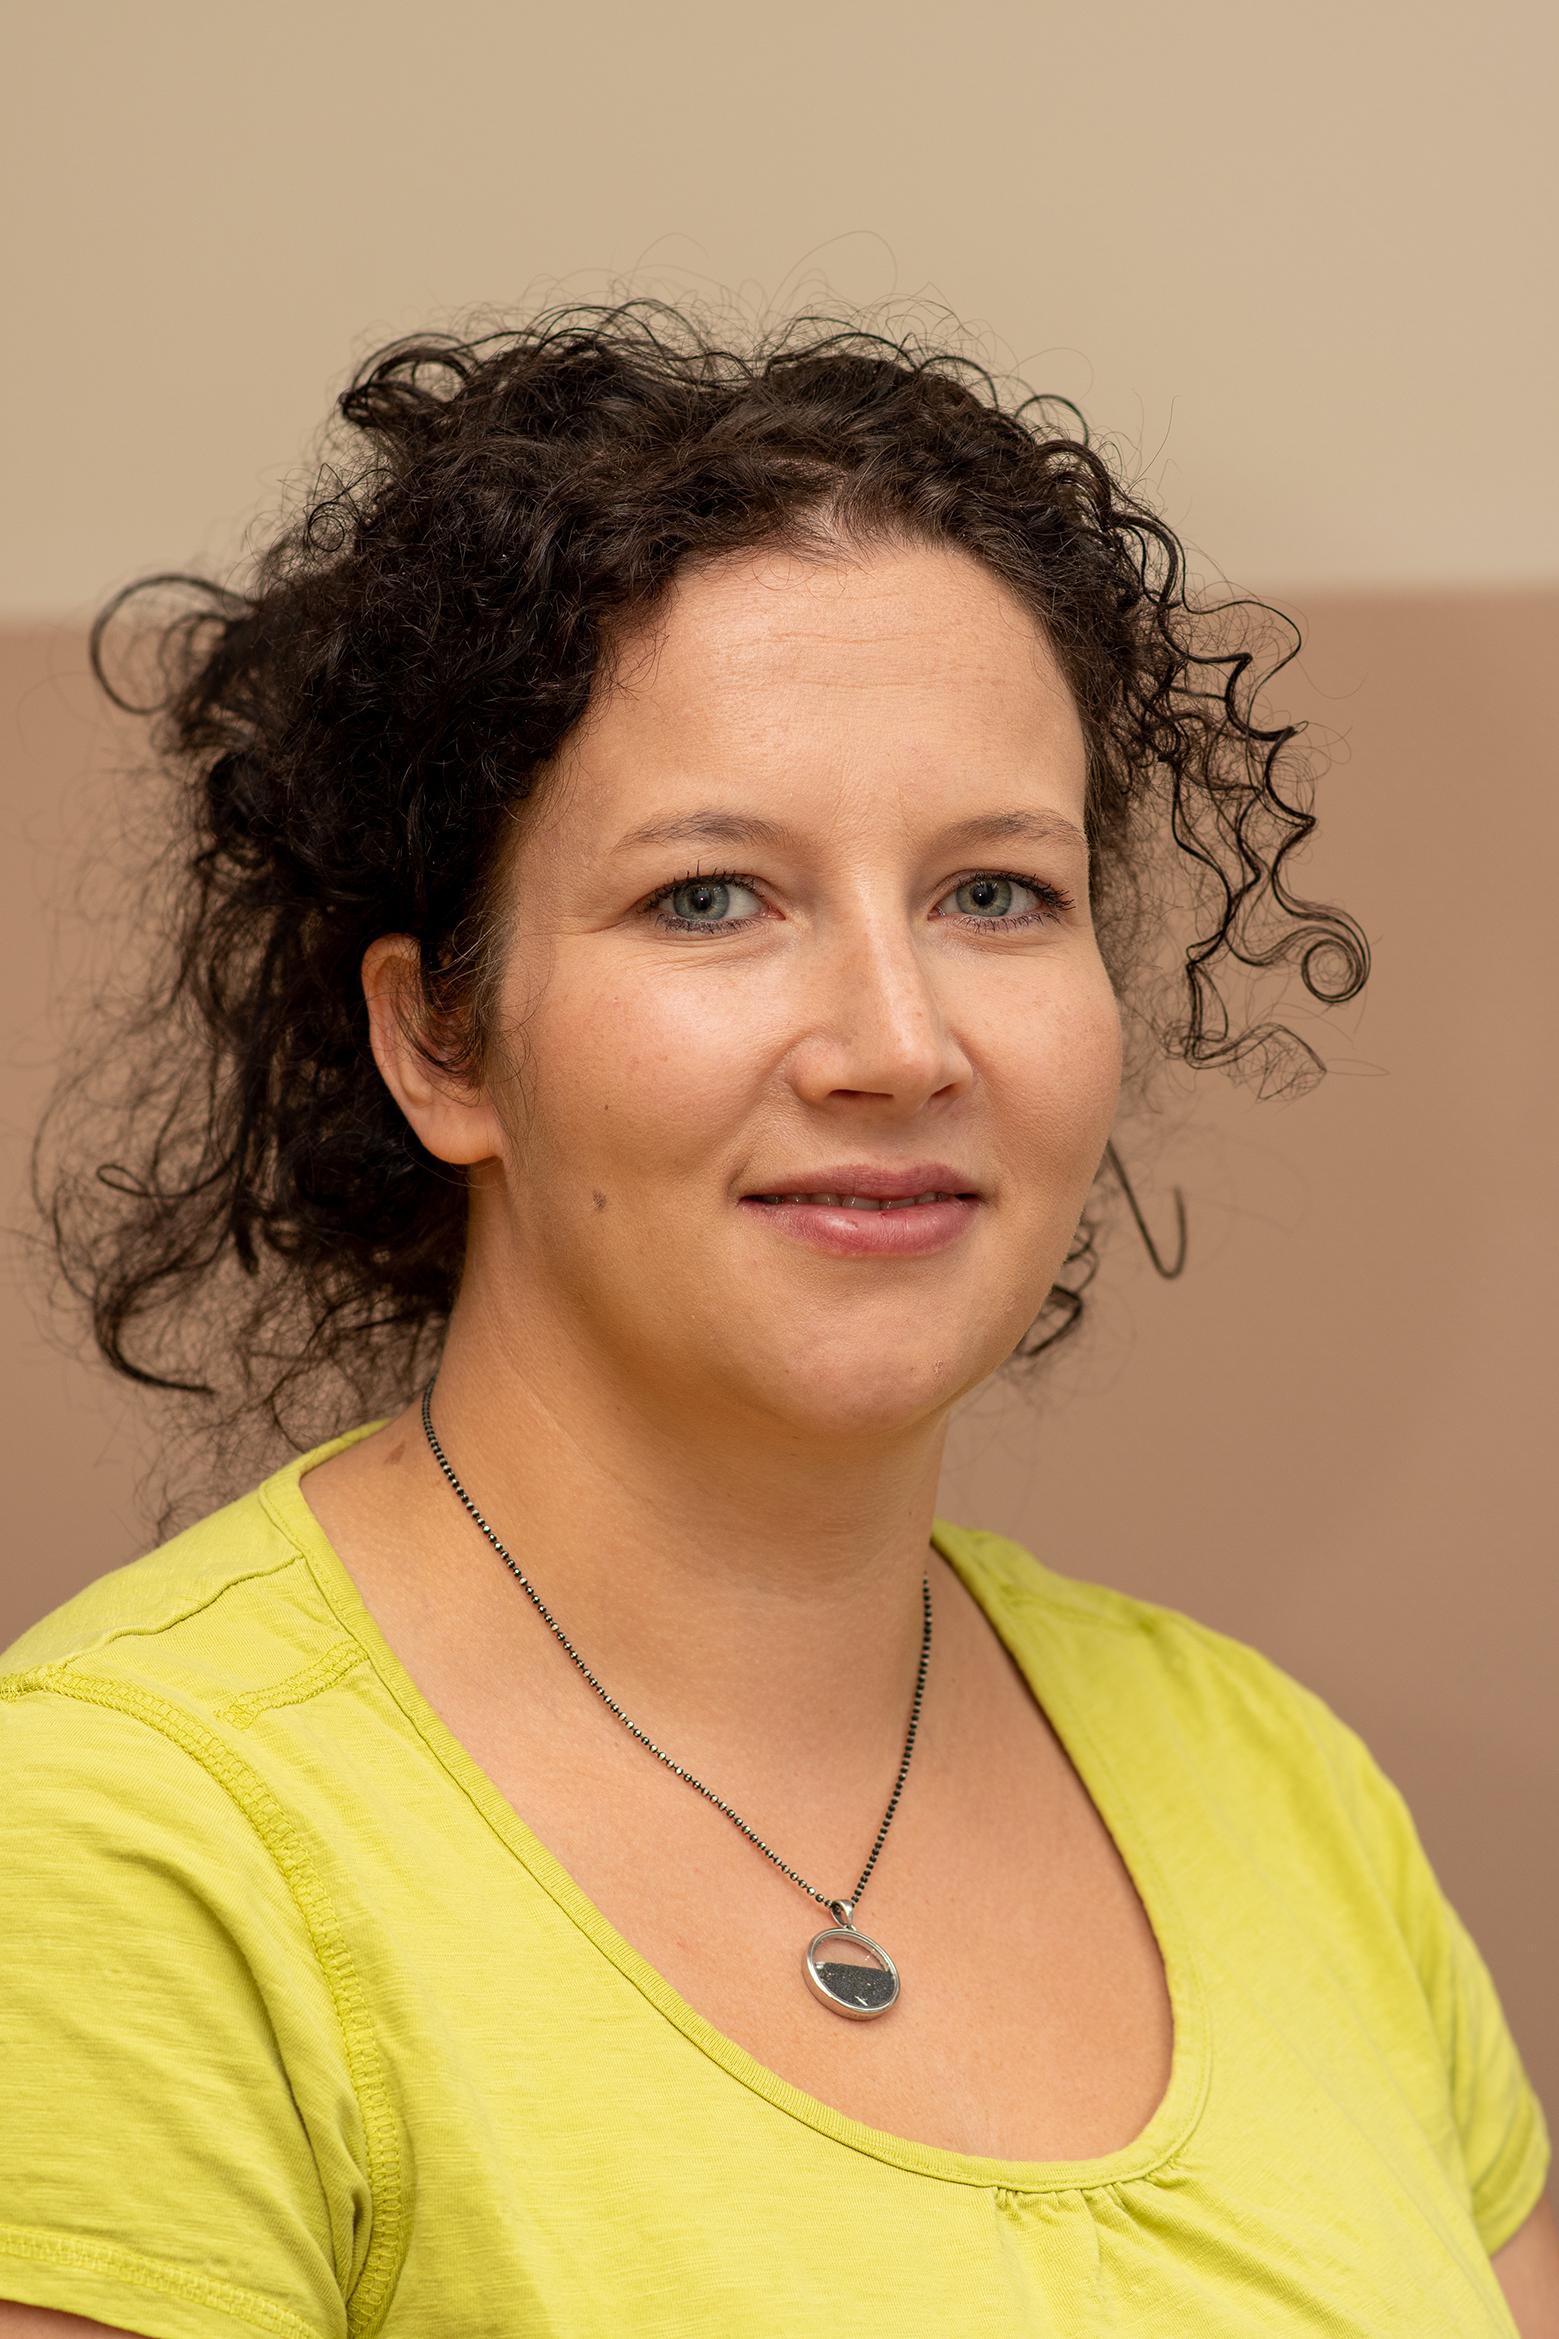 Franziska Höland